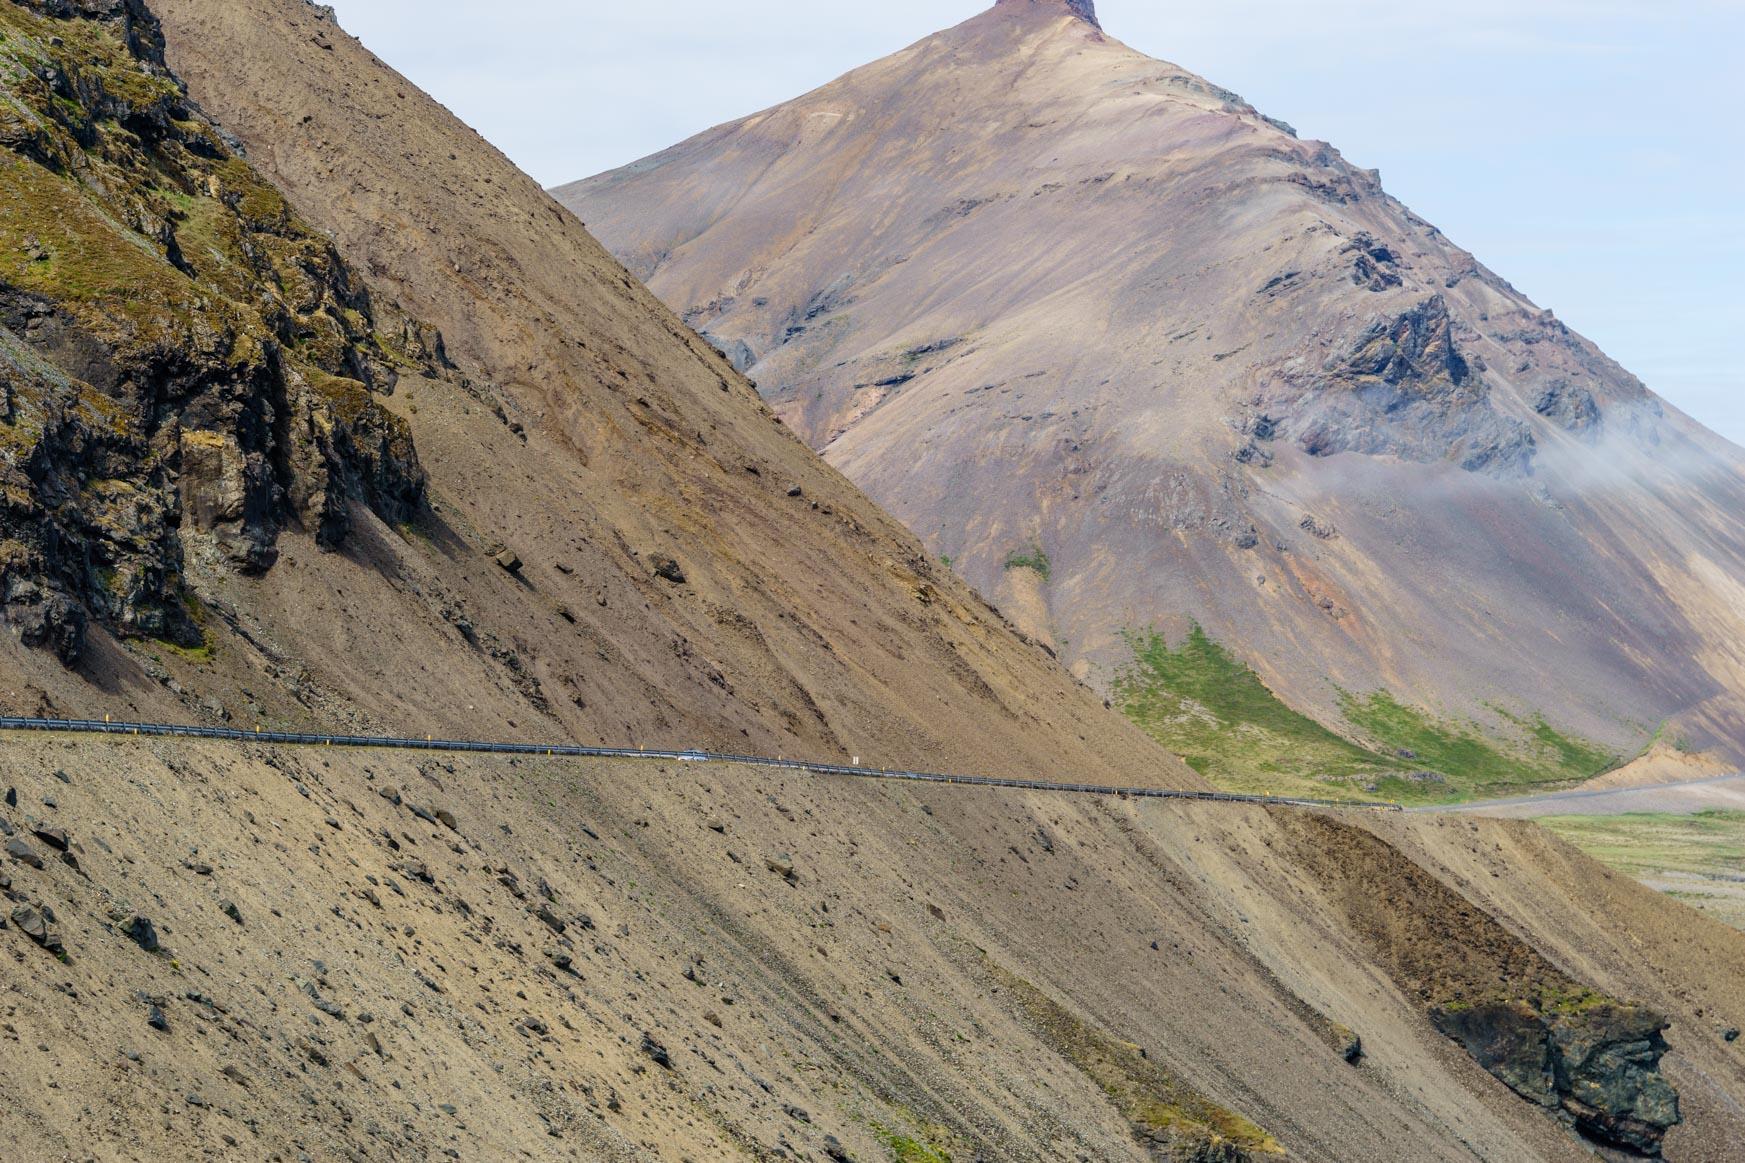 Berge wie Geröllhalden